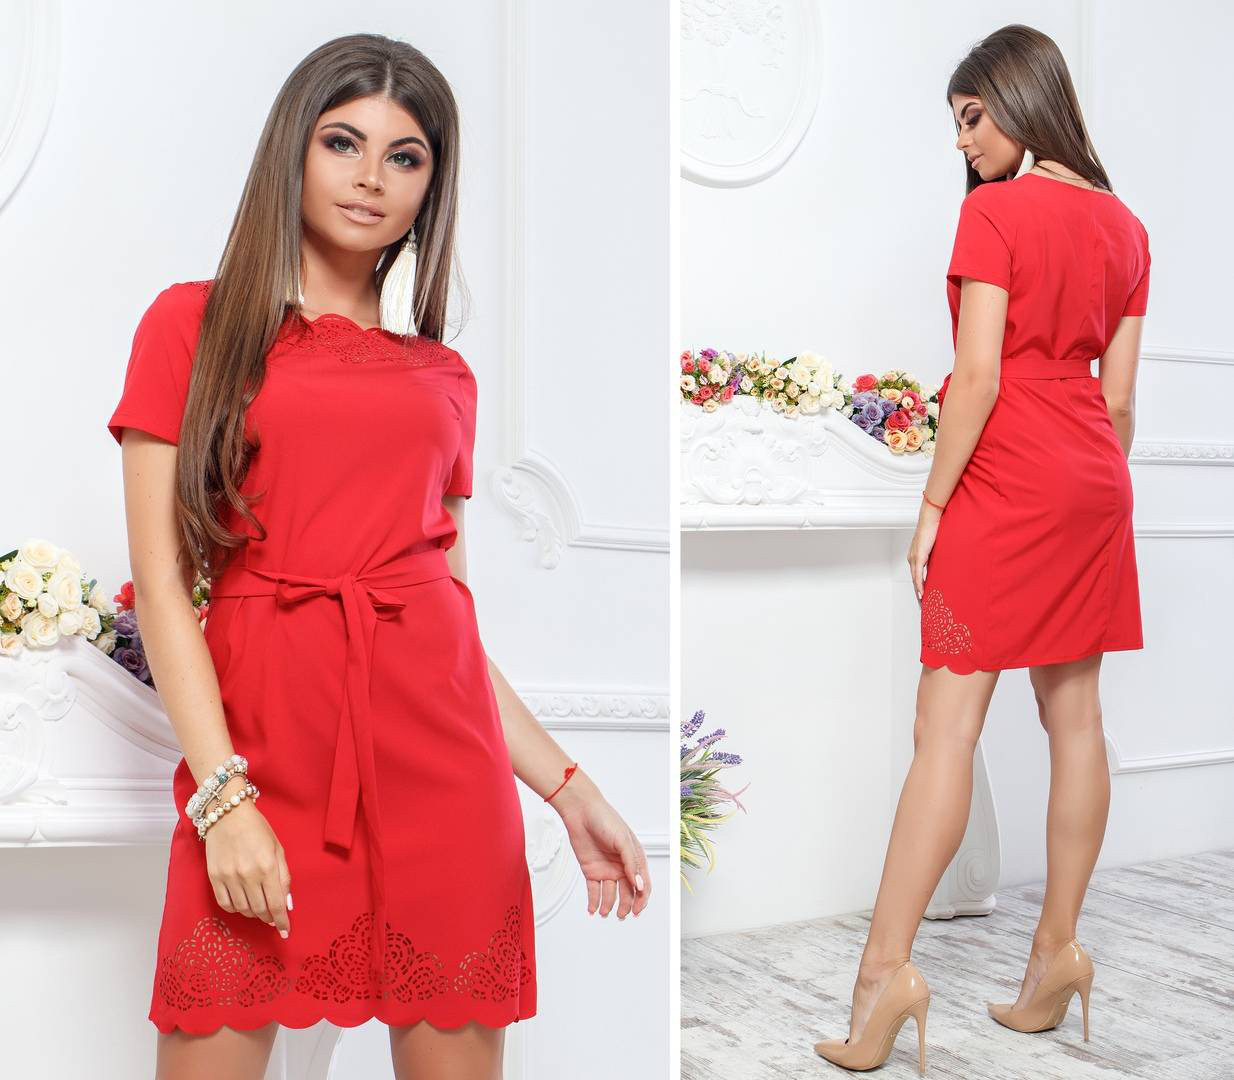 Плаття літнє з вибитим малюнком, модель 109, колір - червоний